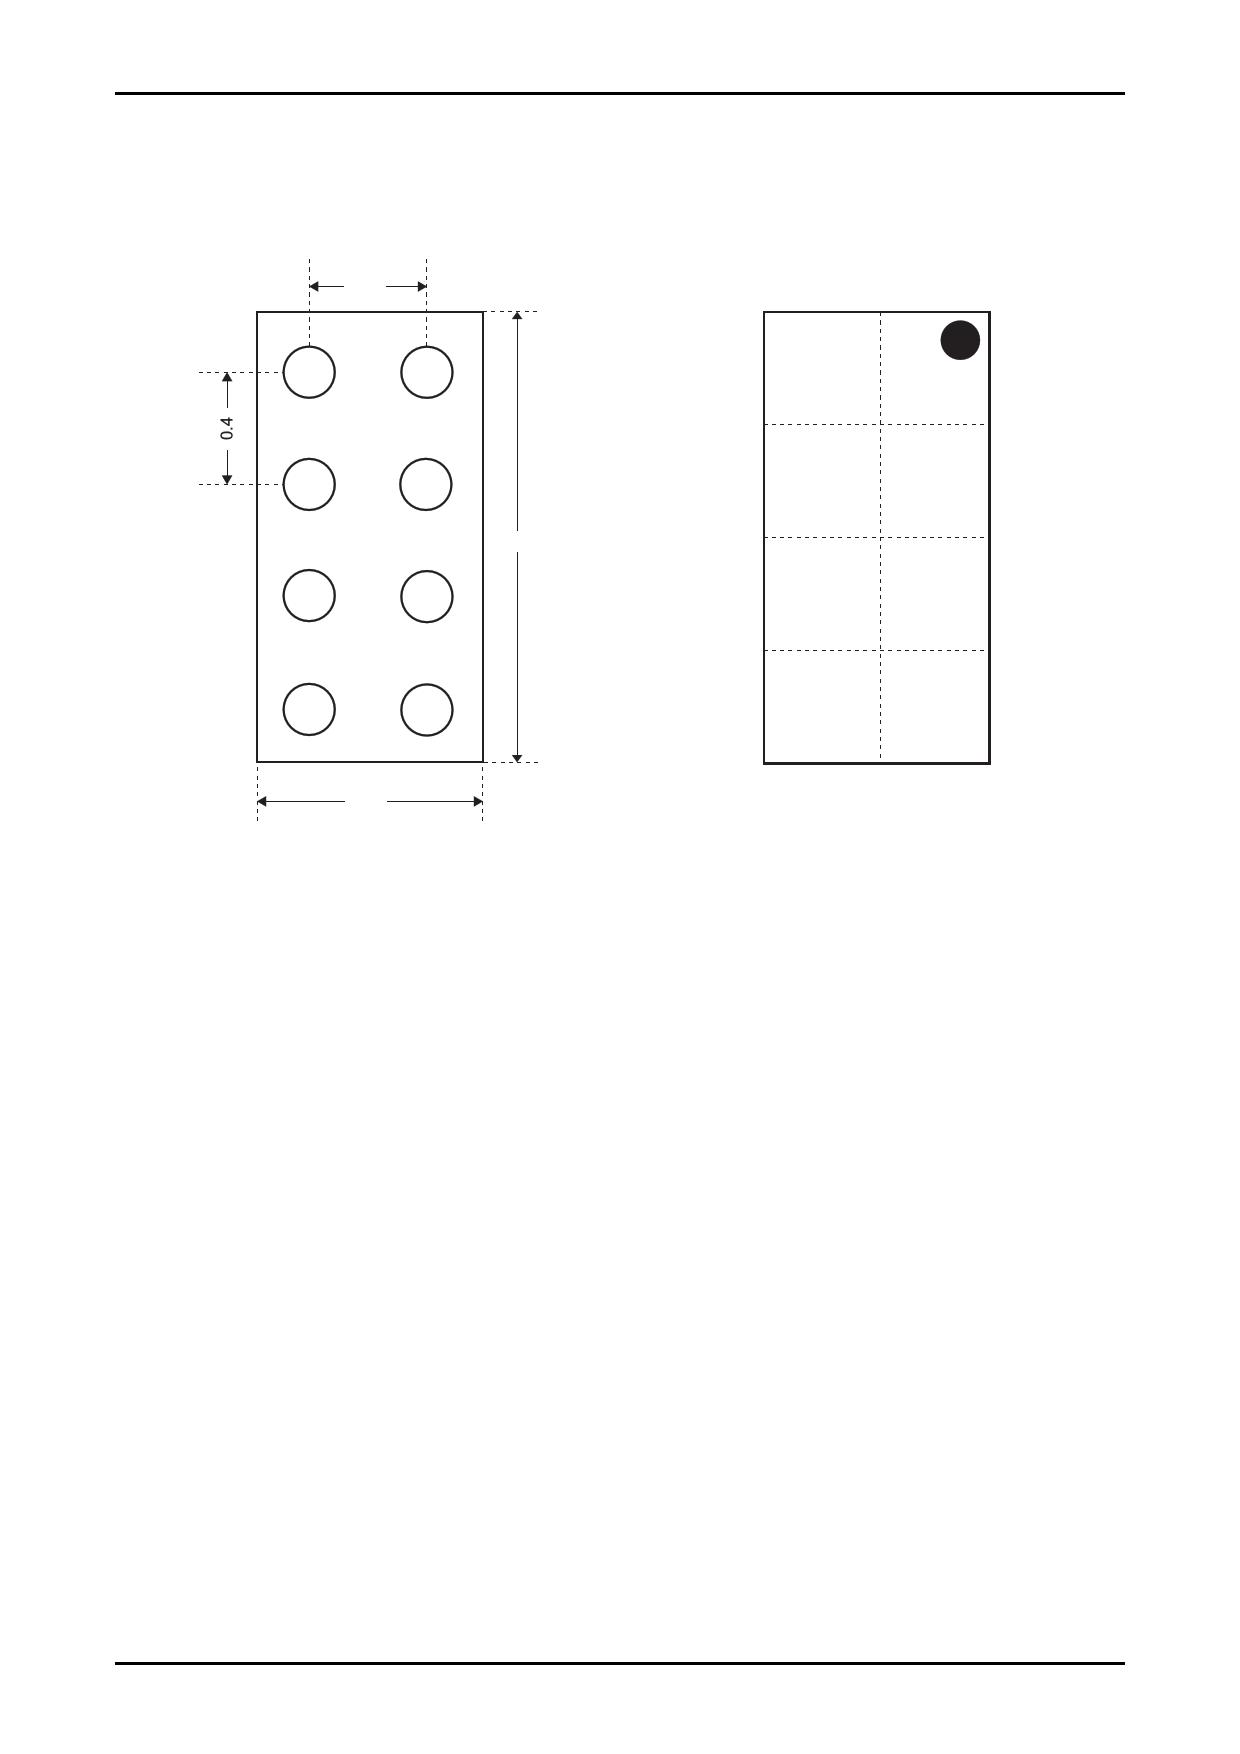 LV8094CT pdf, ピン配列